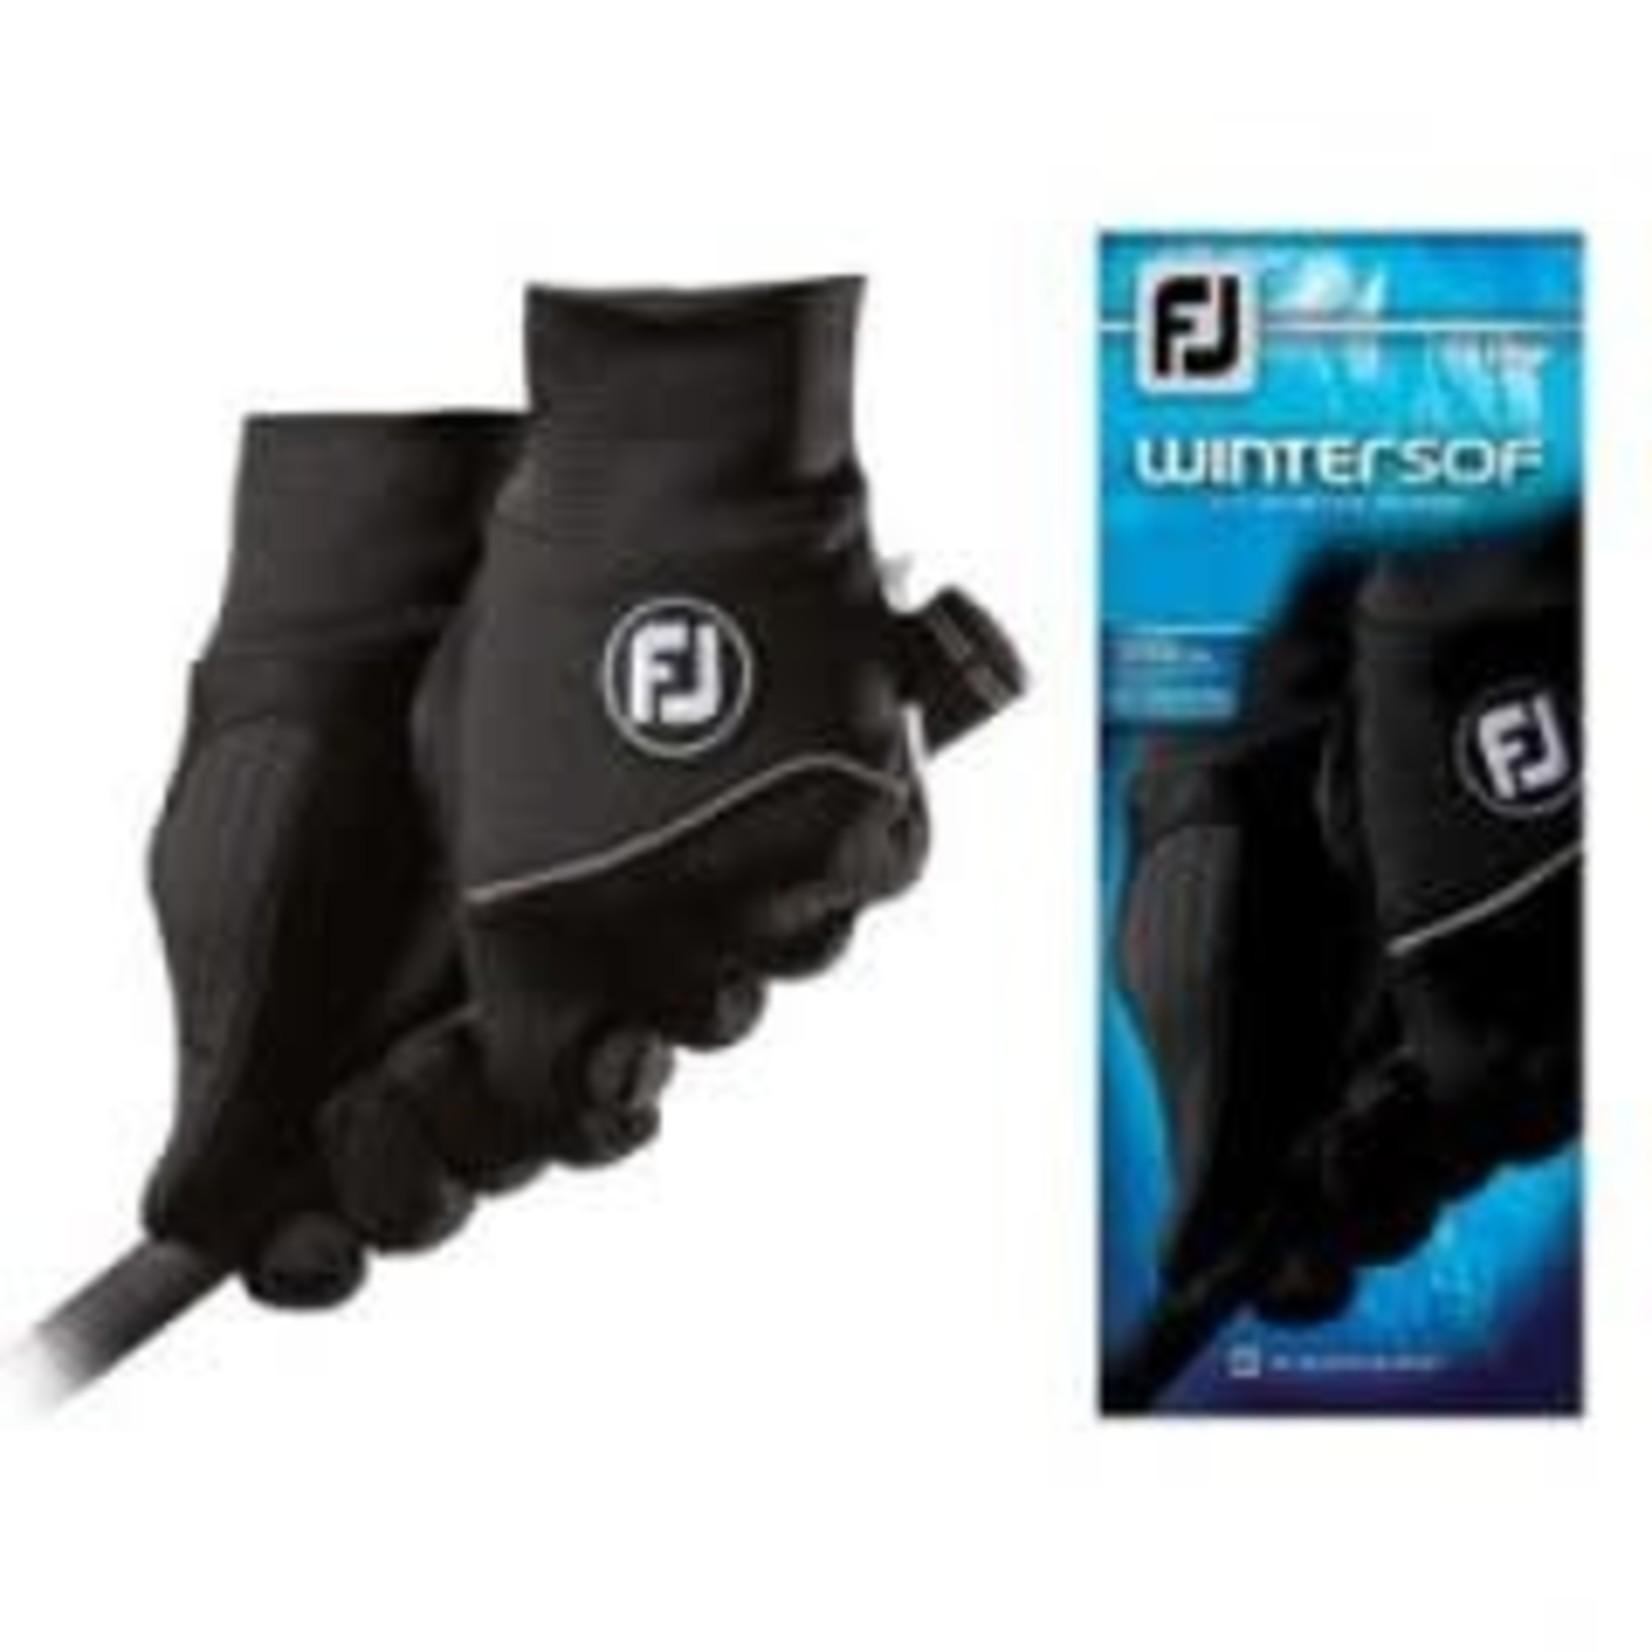 Footjoy FootJoy Wintersof Gloves Men's (pair)